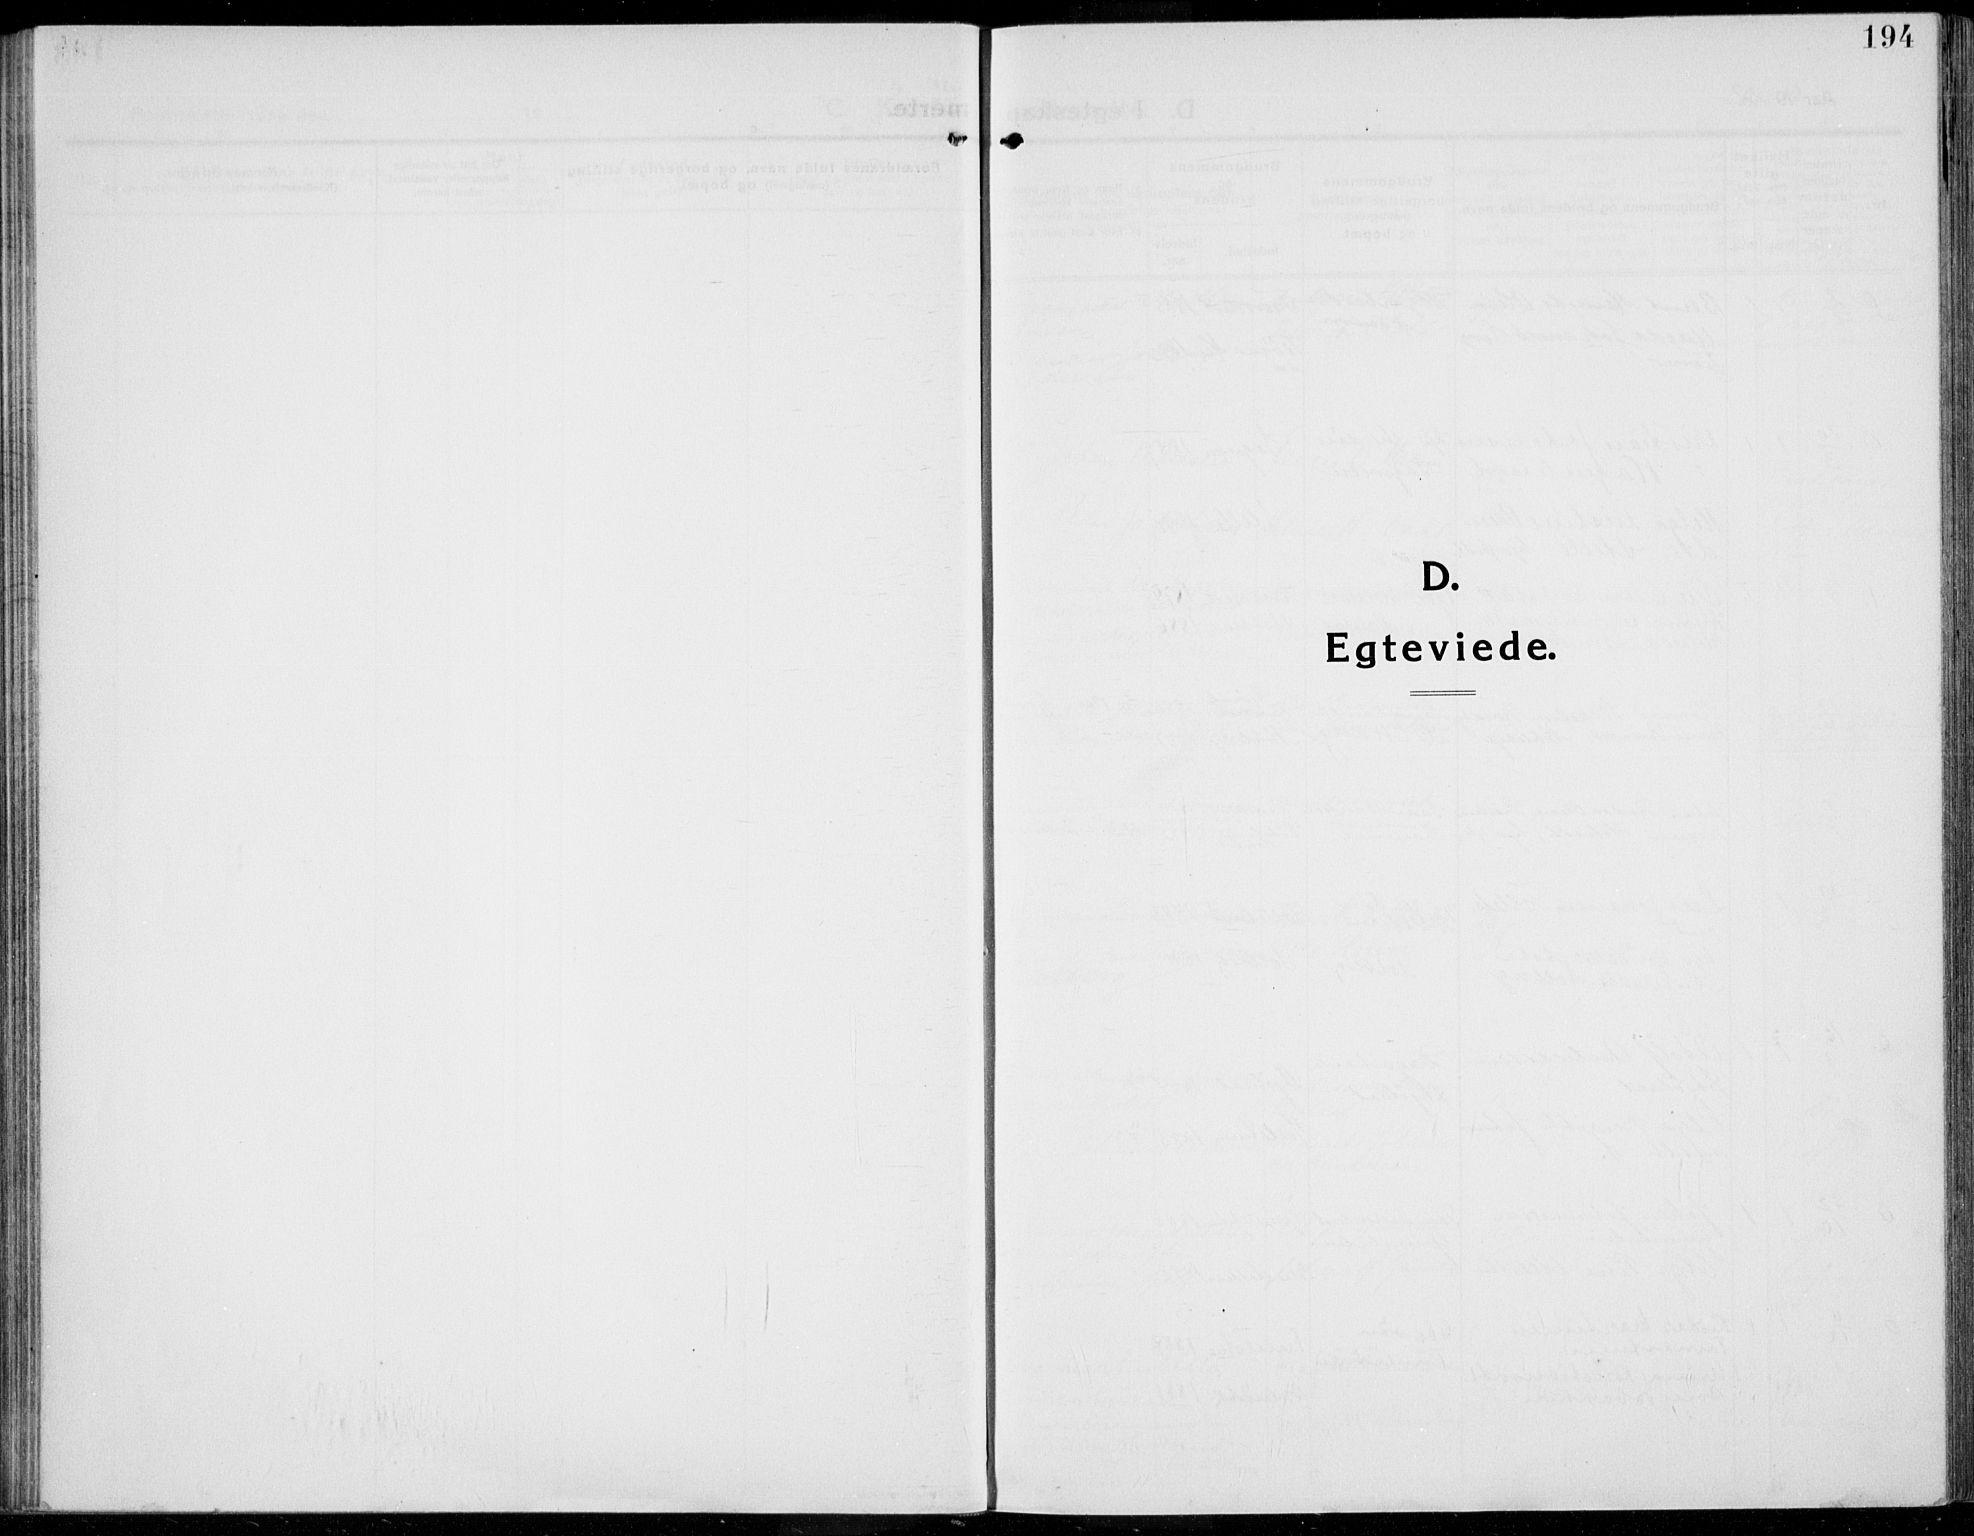 SAH, Kolbu prestekontor, Ministerialbok nr. 2, 1912-1926, s. 194